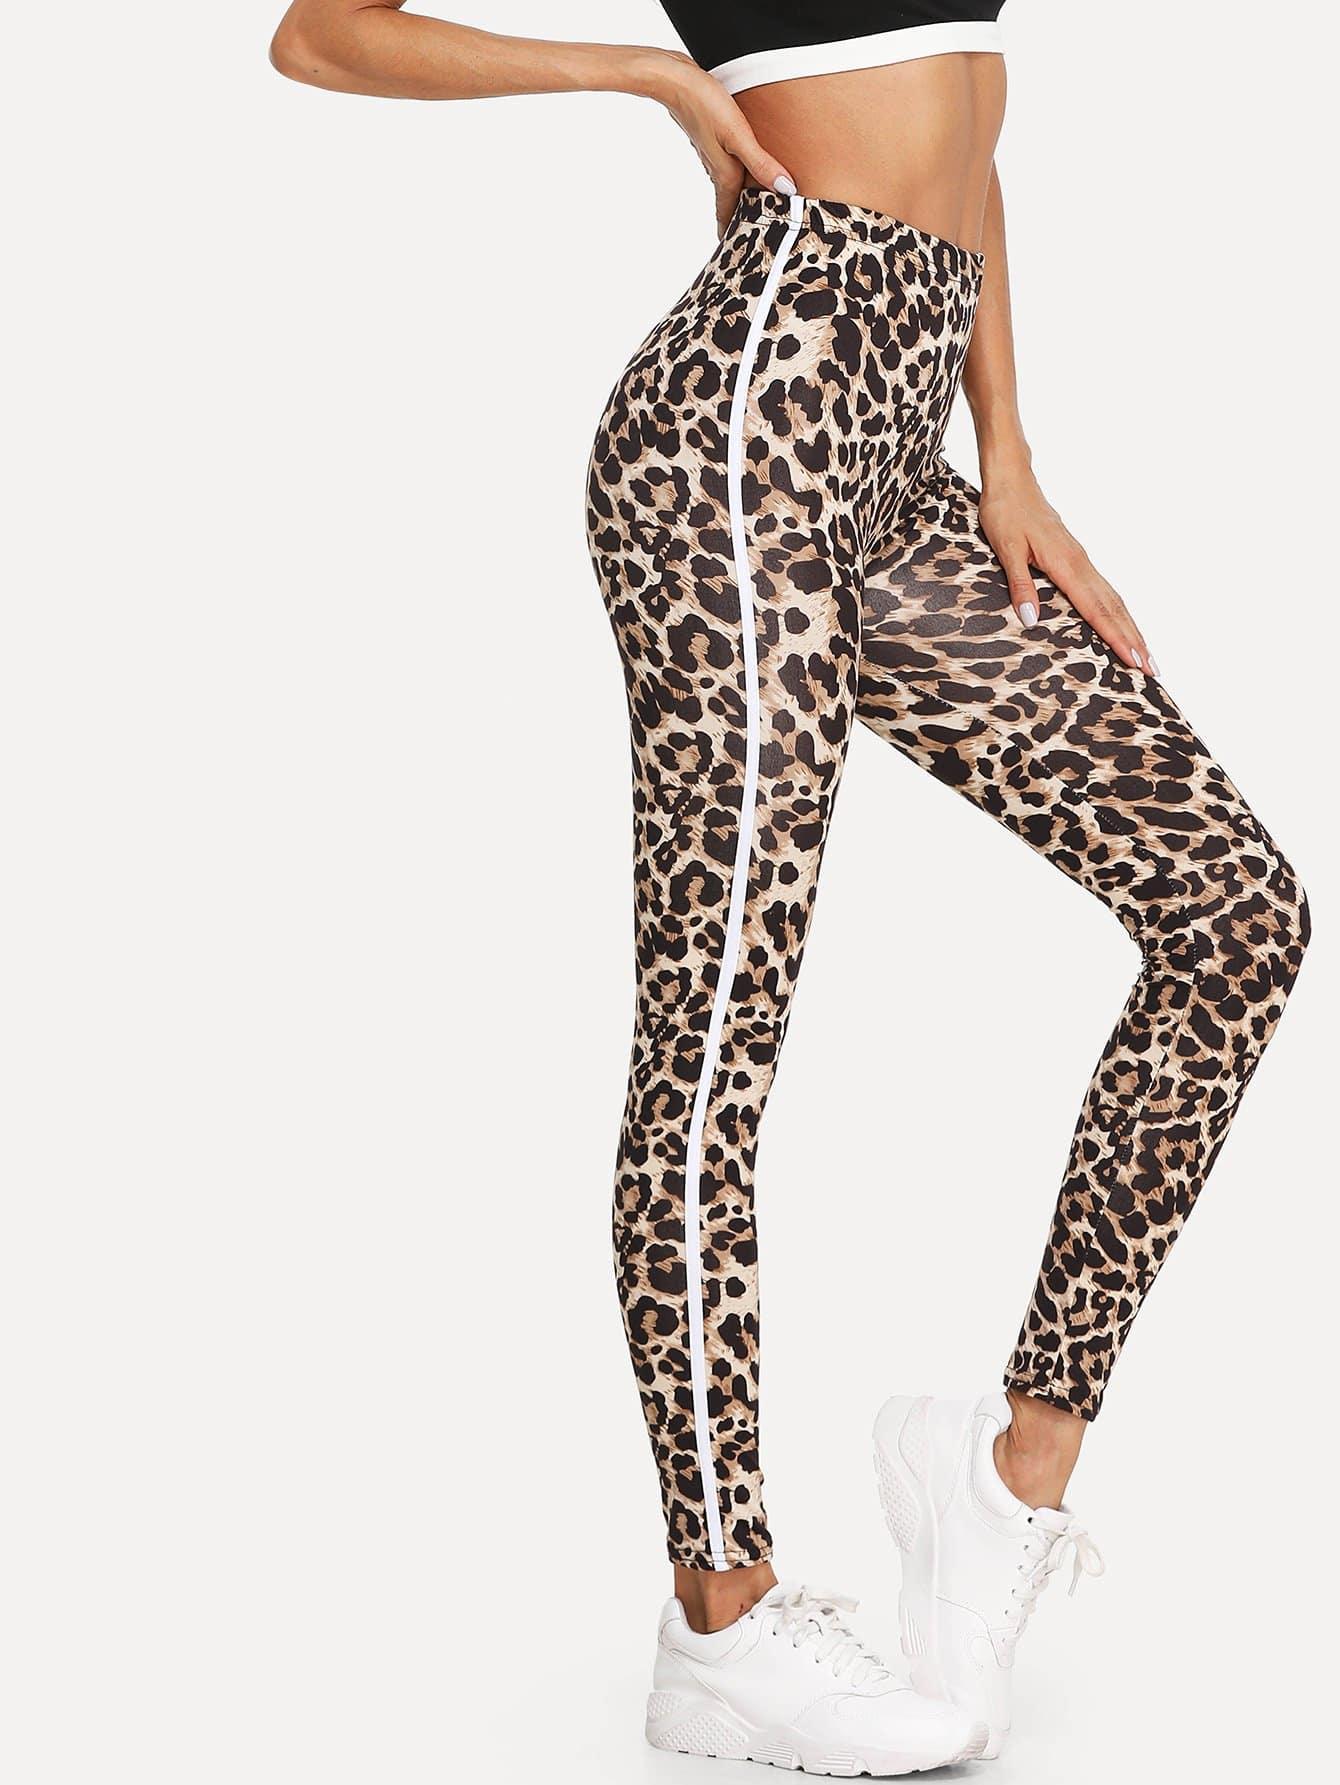 Купить Легинсы с принтом леопард, null, SheIn